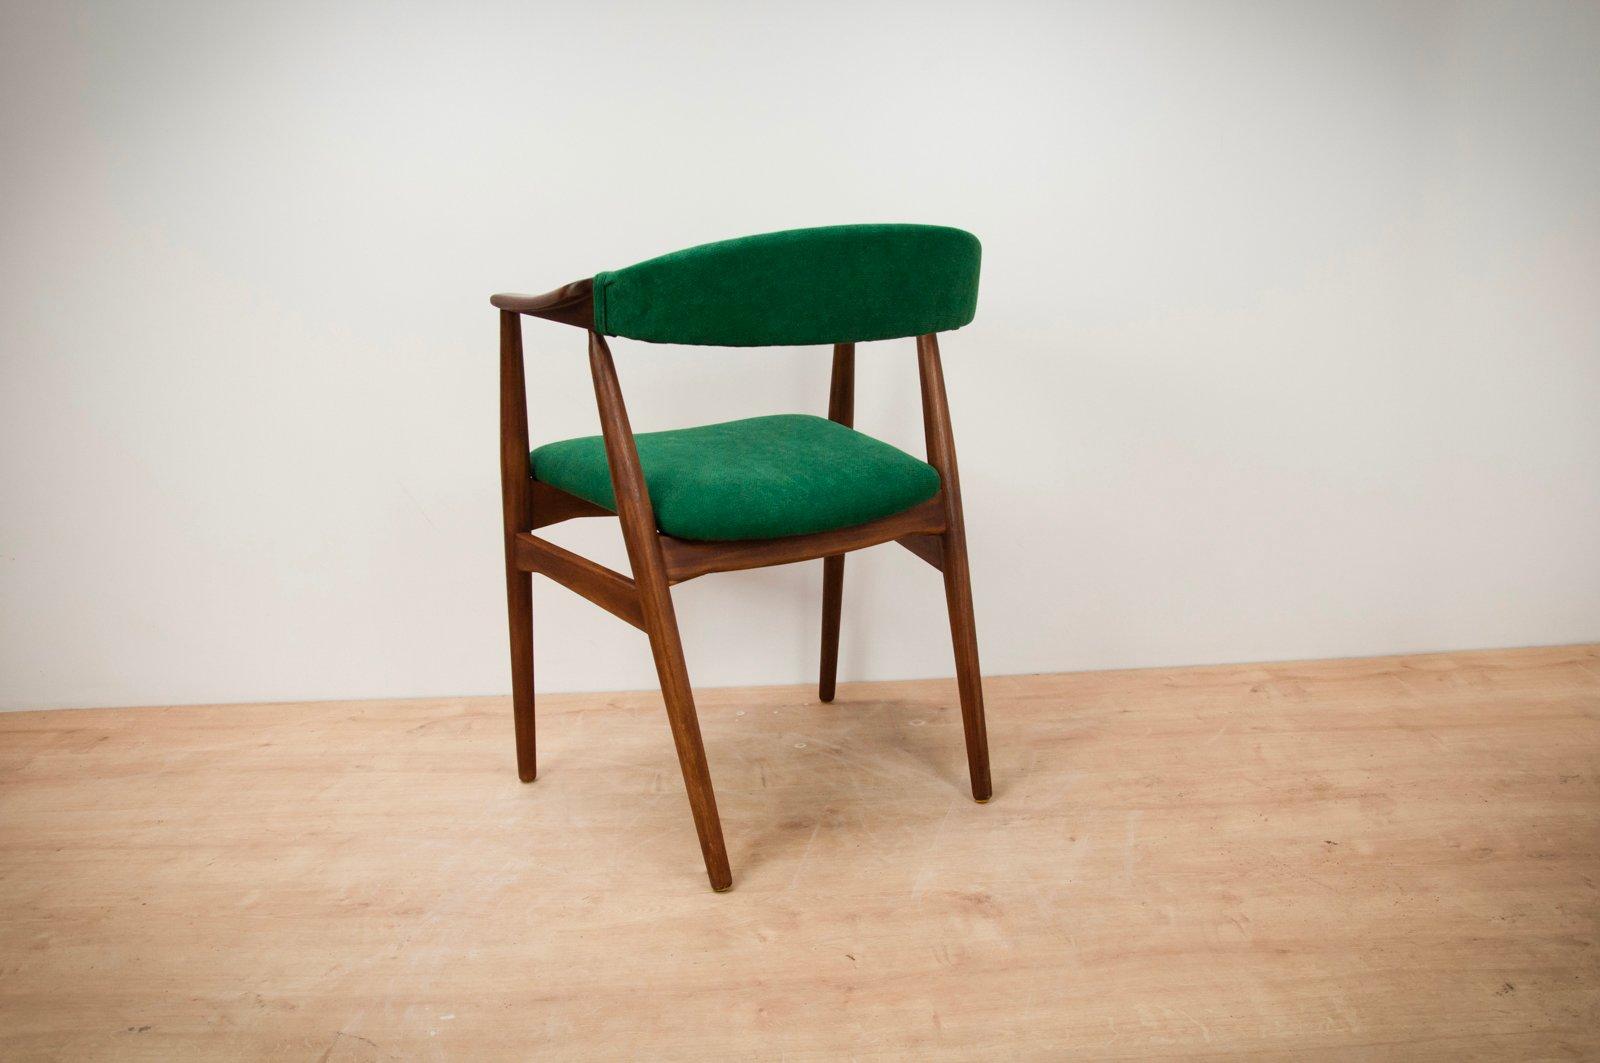 chaise d 39 appoint vintage en teck par th harlev pour farstrup m bler 1960s en vente sur pamono. Black Bedroom Furniture Sets. Home Design Ideas